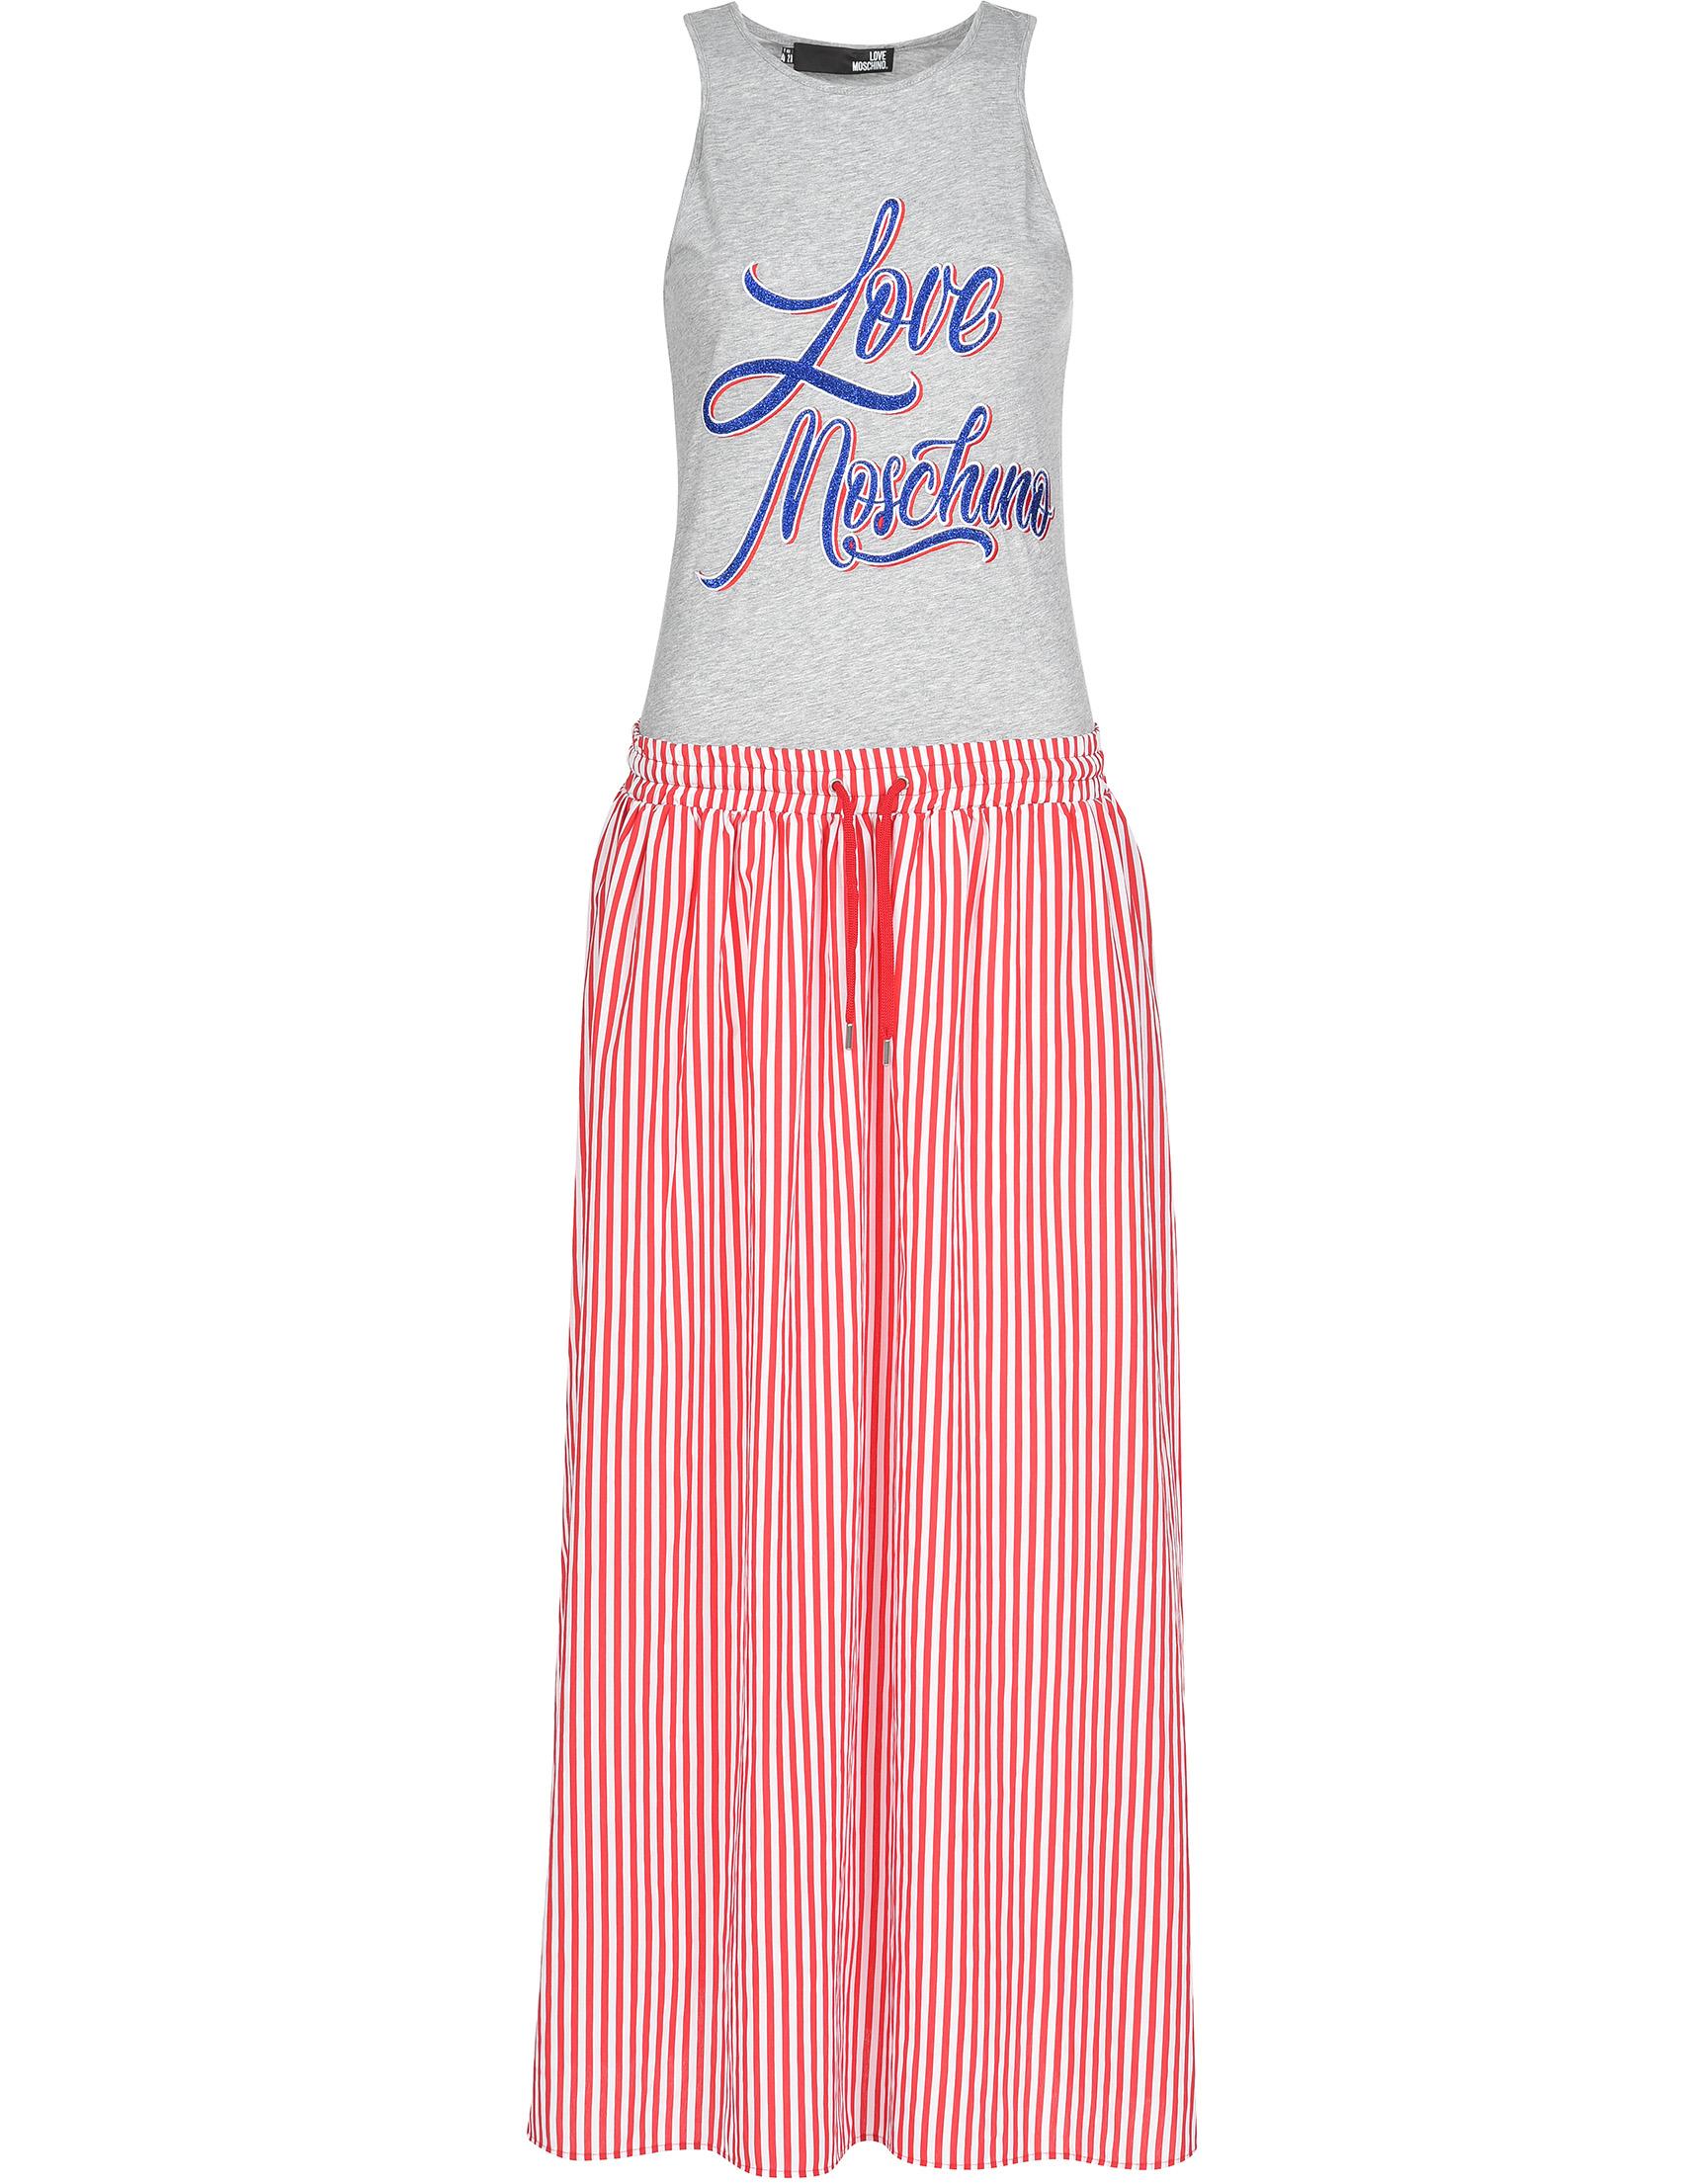 Купить Платье, LOVE MOSCHINO, Многоцветный, 85%Вискоза 15%Полиамид;100%Хлопок, Весна-Лето